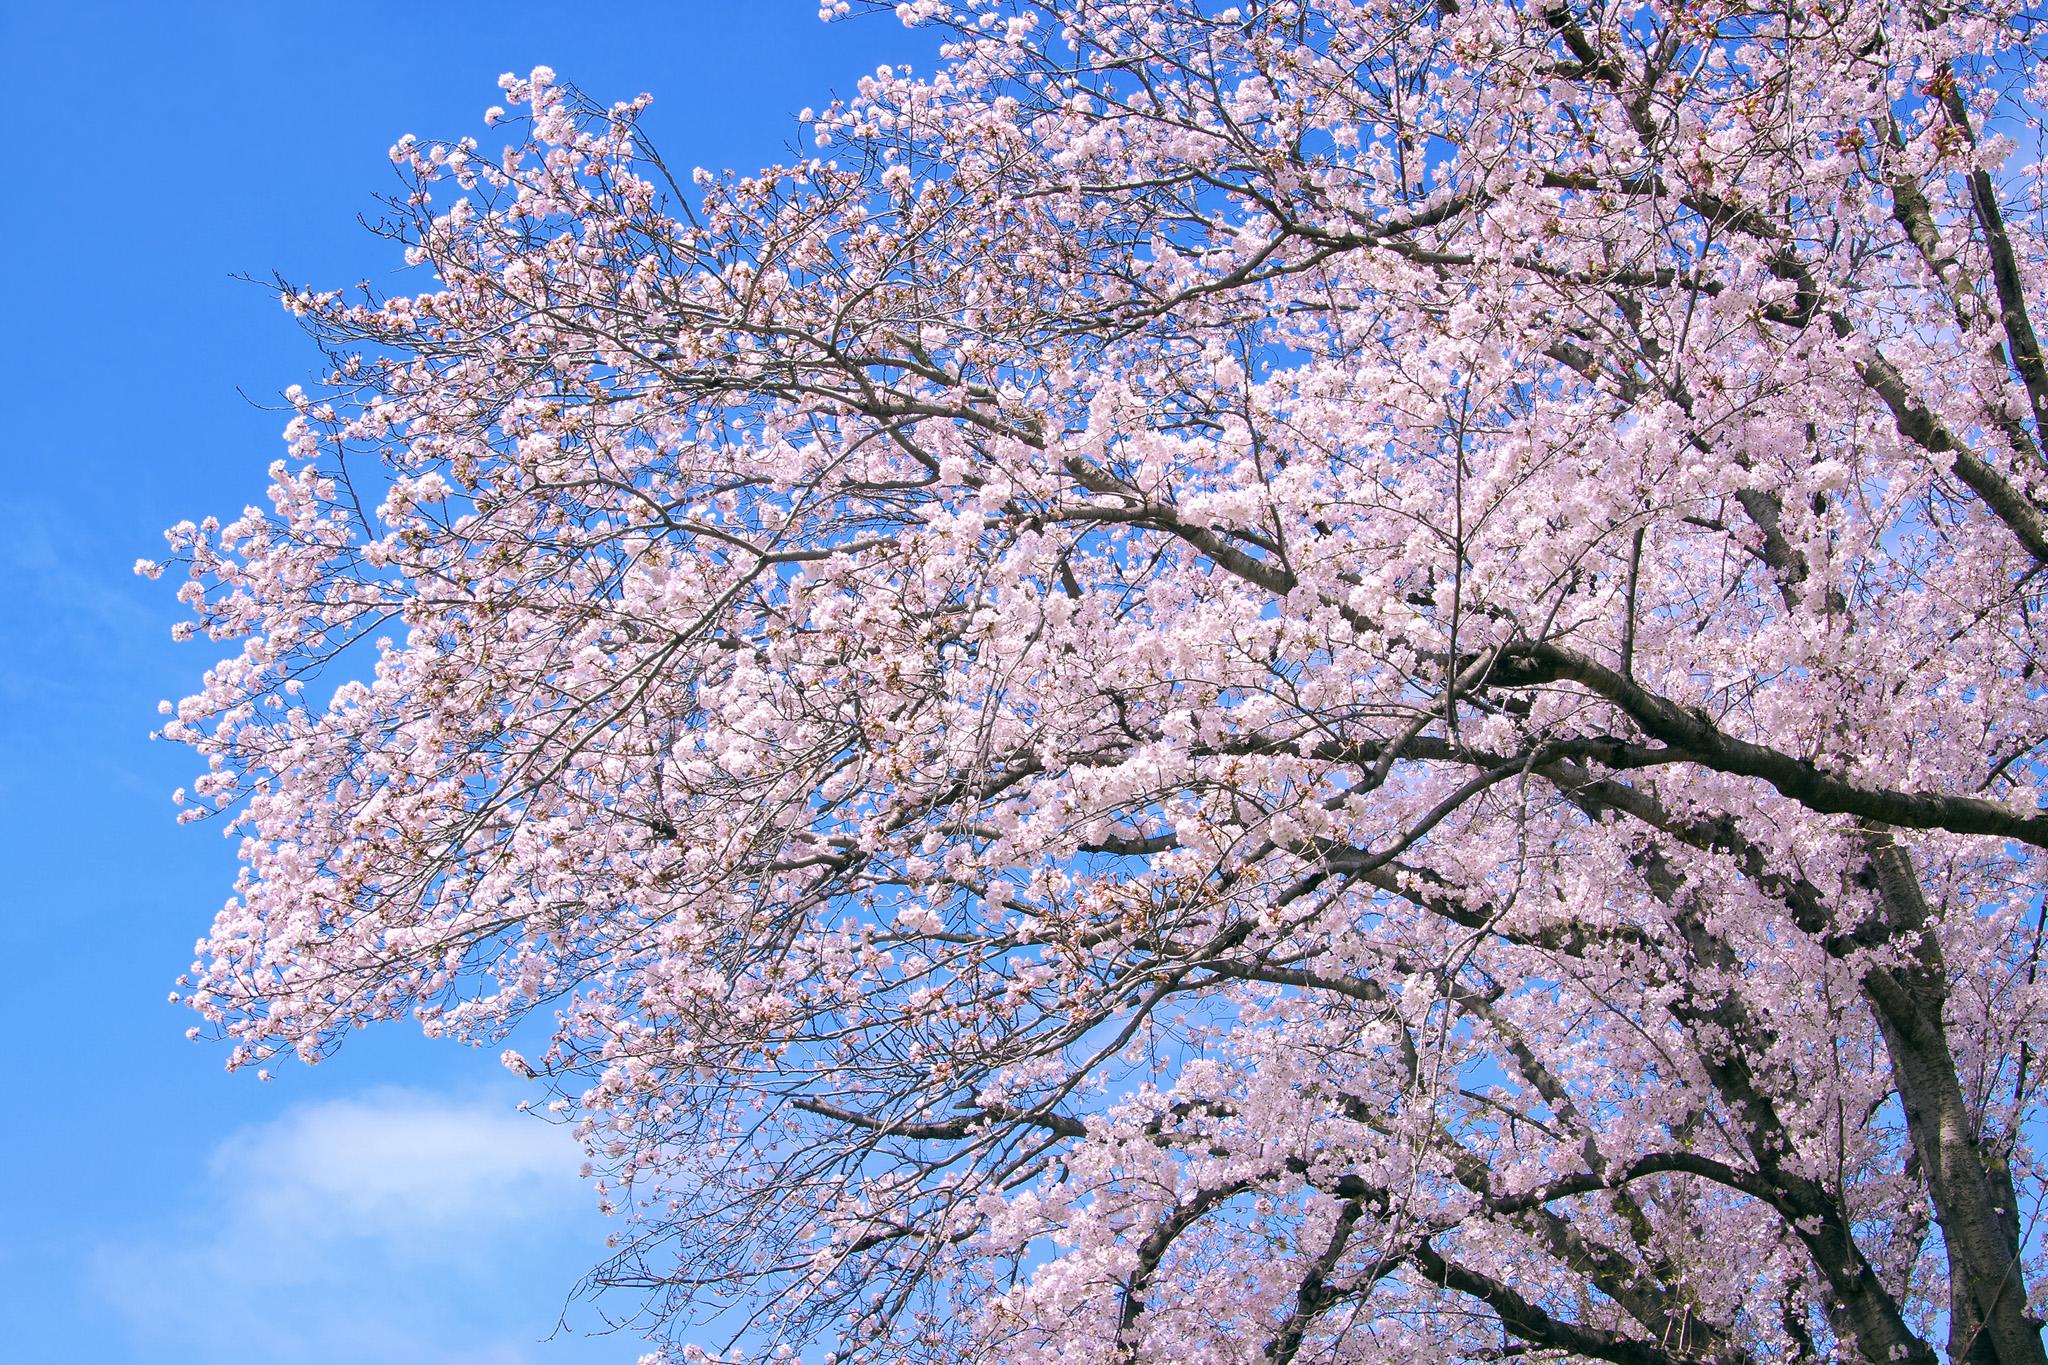 「ピンクの花咲く桜の木」